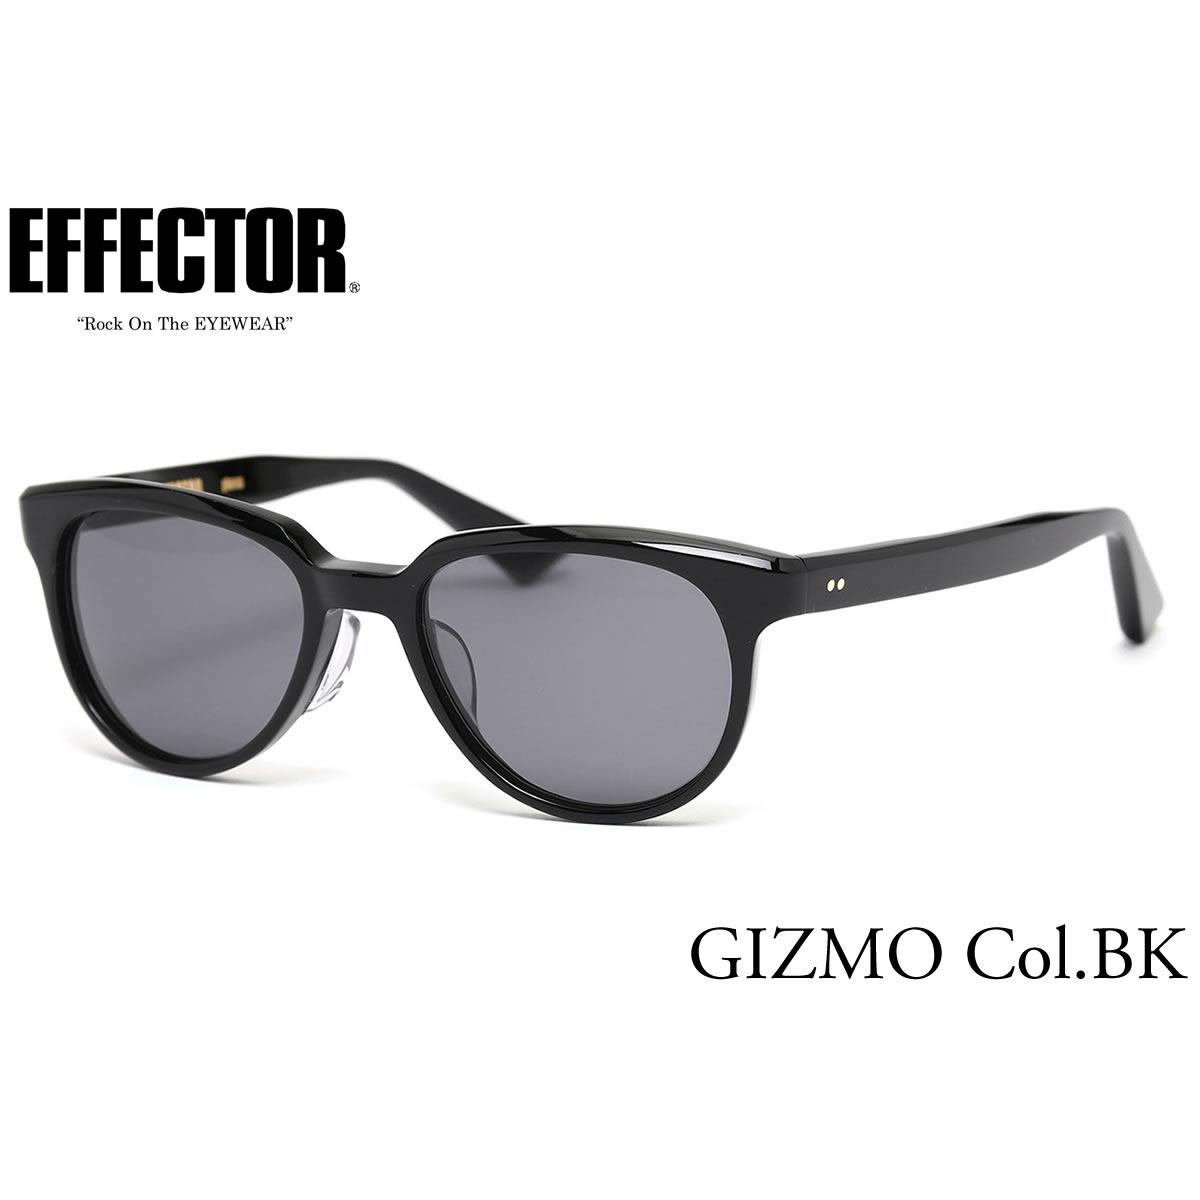 【10月30日からエントリーで全品ポイント20倍】【EFFECTOR】エフェクター サングラス GIZMO BK/G 50サイズ エフェクター EFFECTOR ギズモ 日本製 メンズ レディース